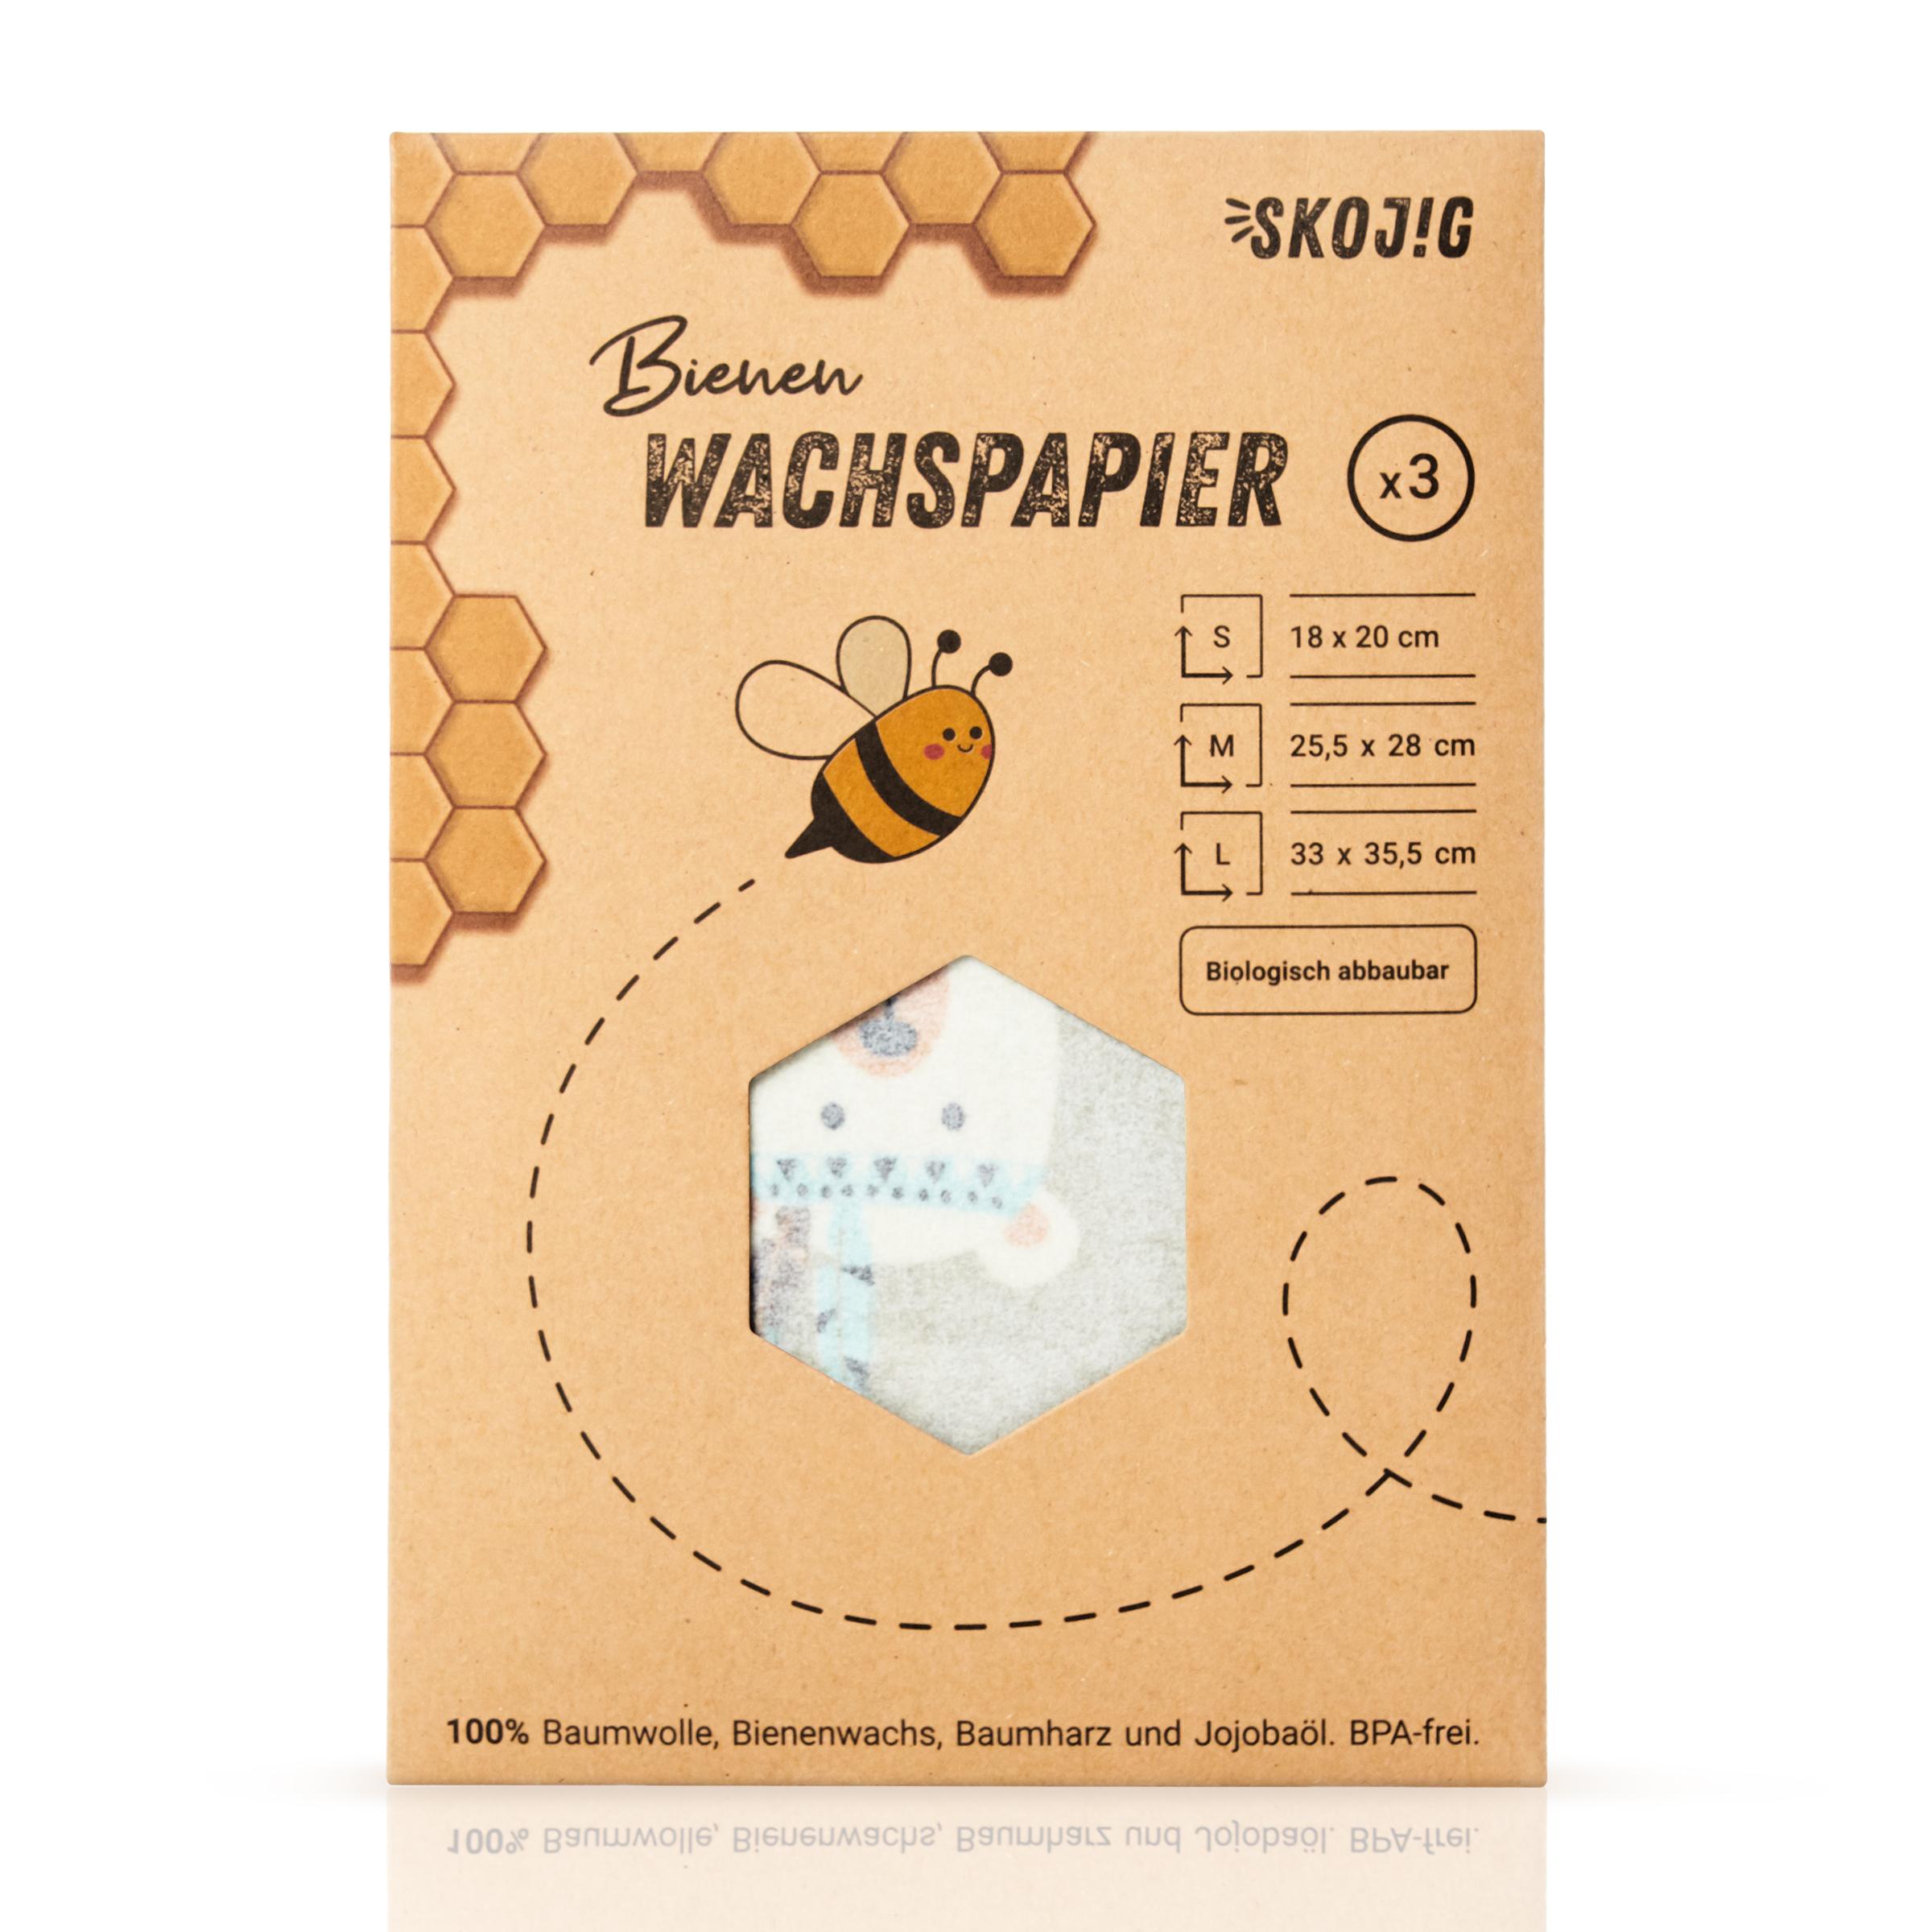 Skojig Bienenwachstücher